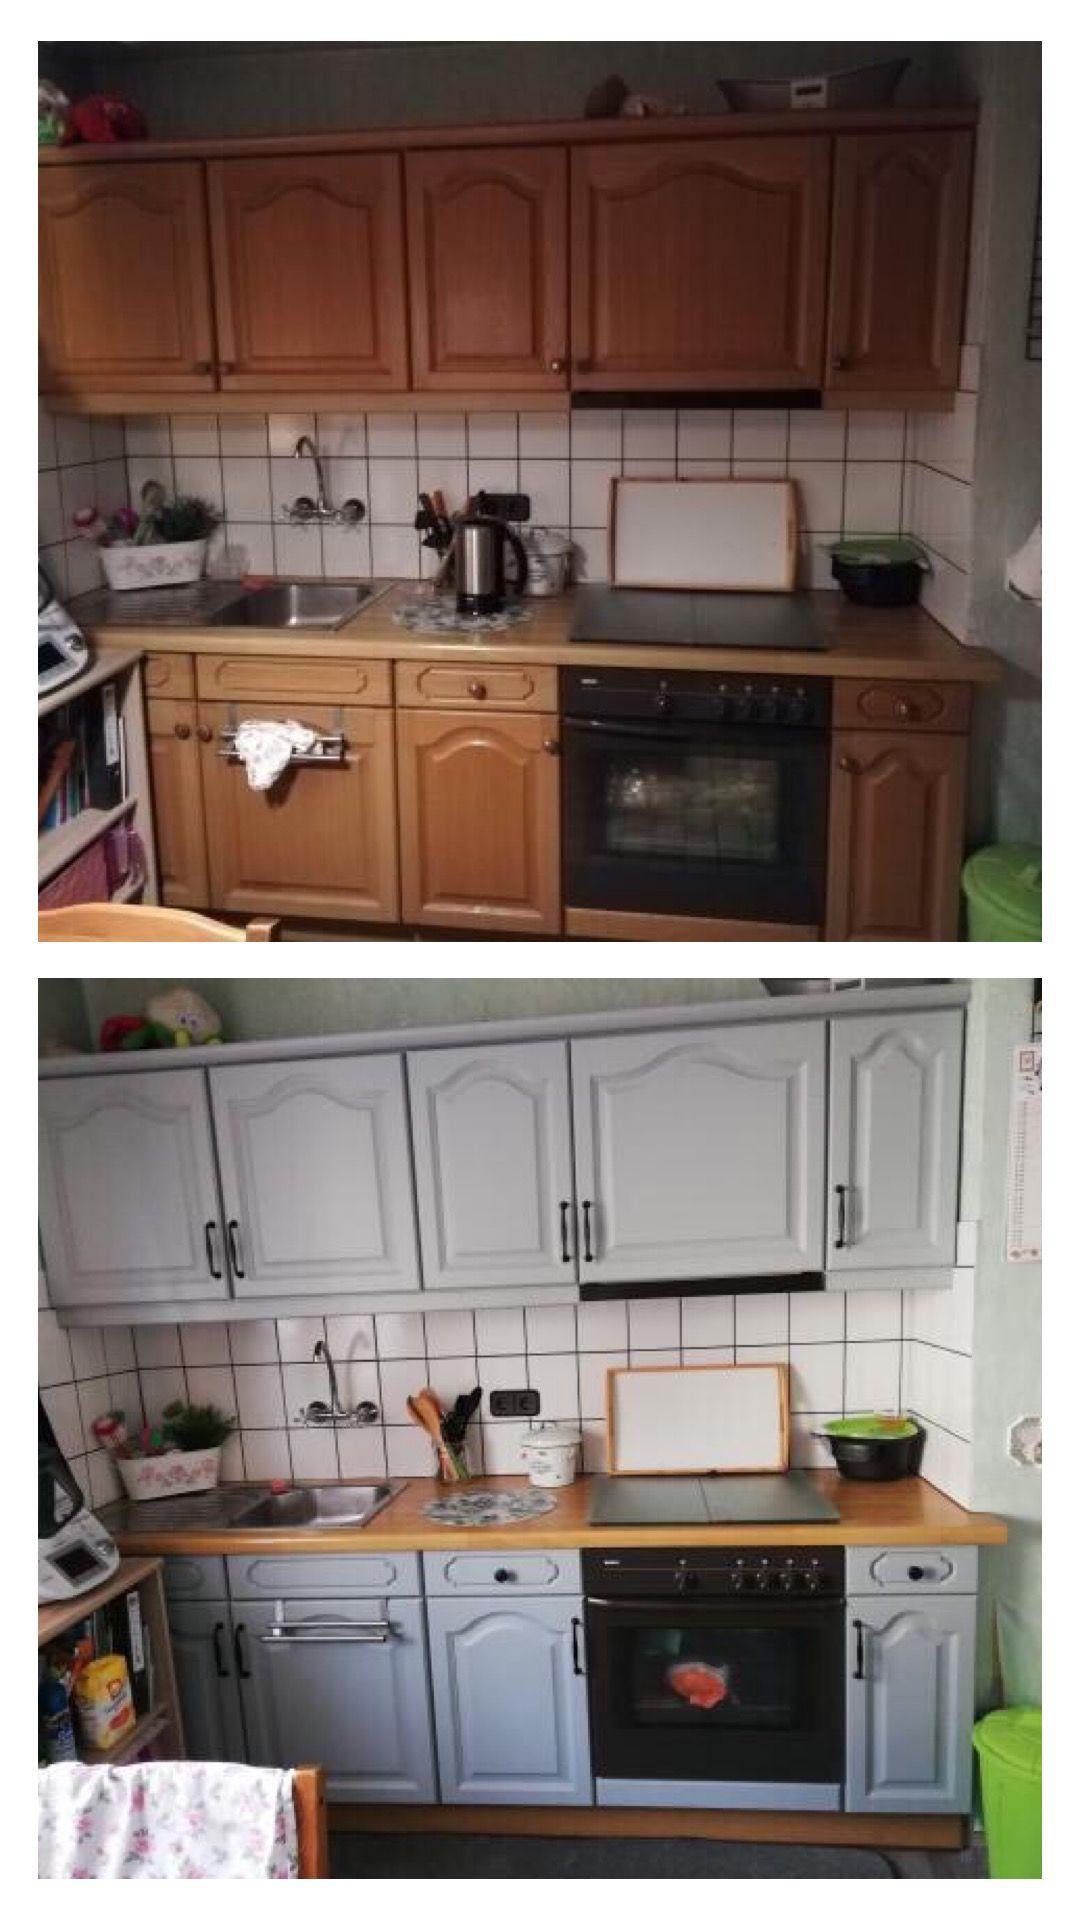 Kuche Streichen Mit Kreidefarbe Und Kreidelacken Misspompadour Kuchen Streichen Kuche Neu Streichen Kuchenumgestaltung